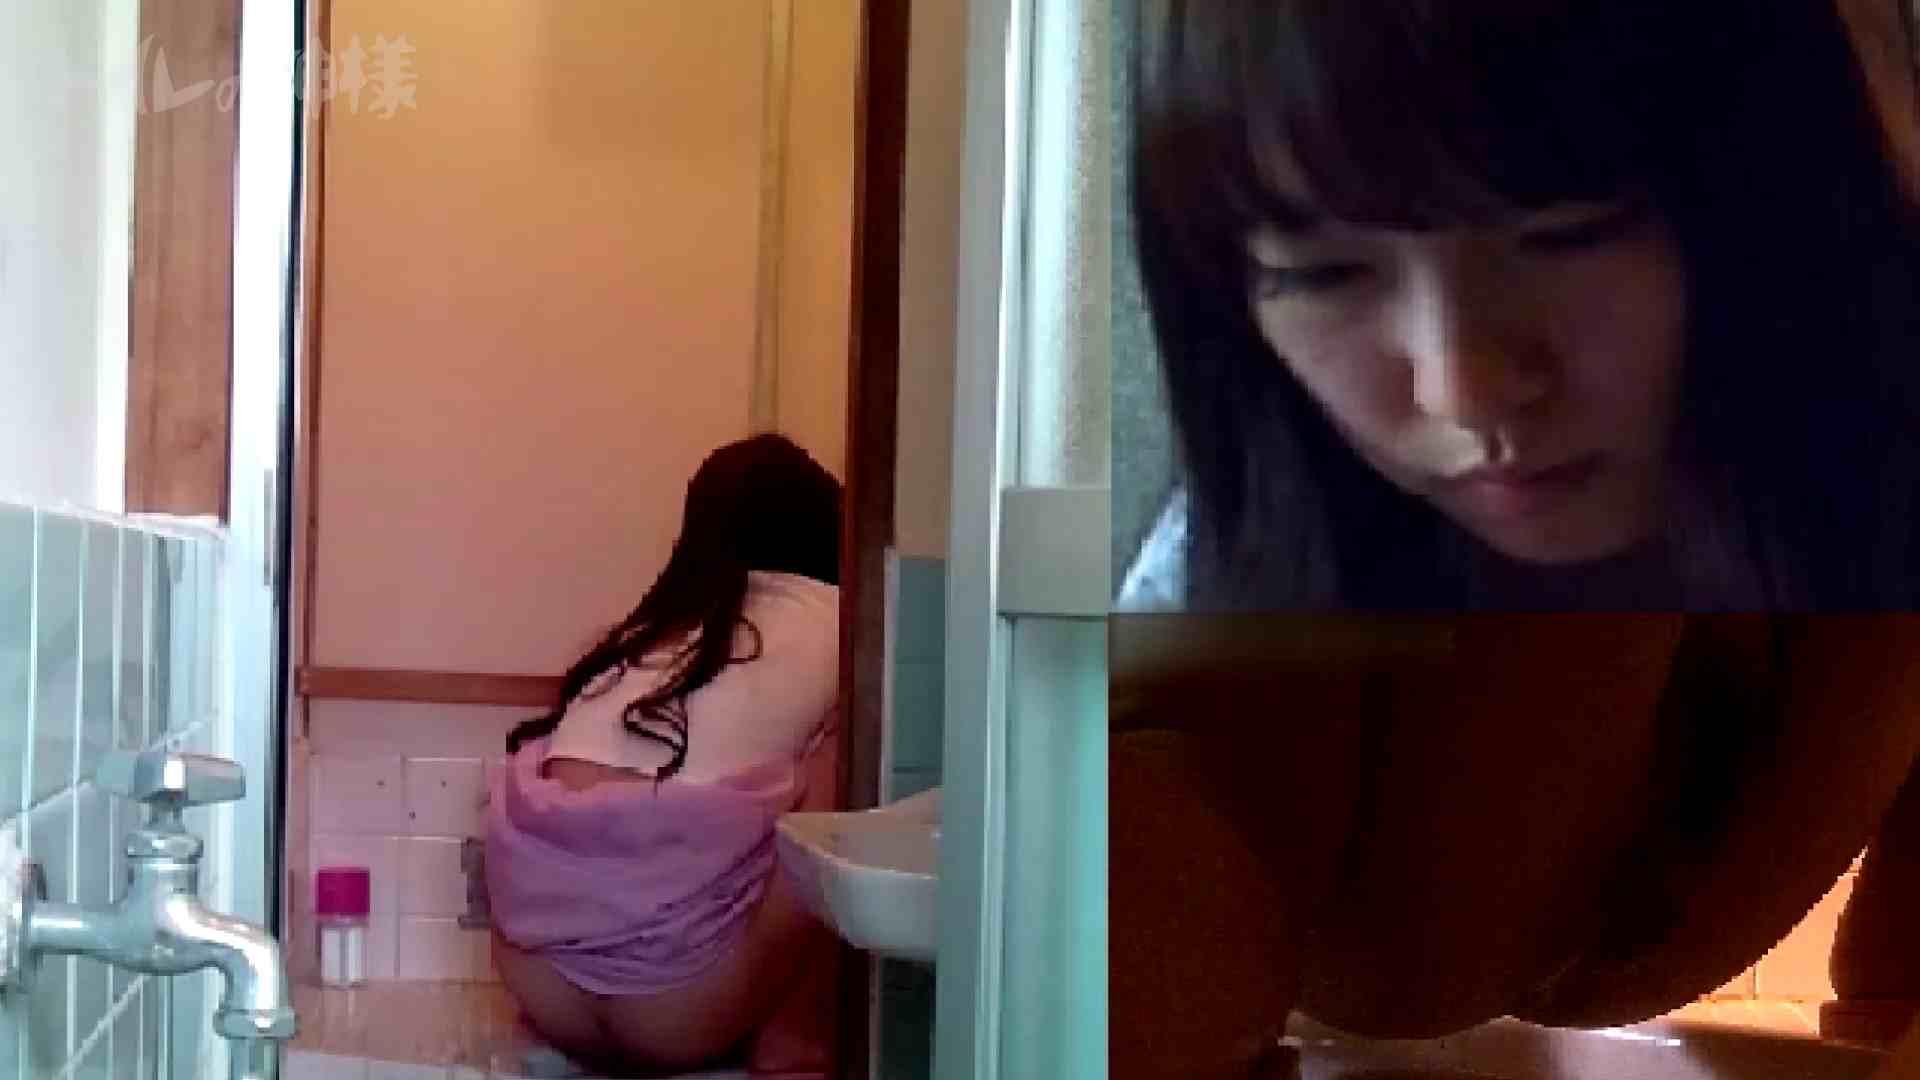 トイレの神様 Vol.09 美女のGEBOきれいに撮っています 隠れた名作 セックス無修正動画無料 67画像 49